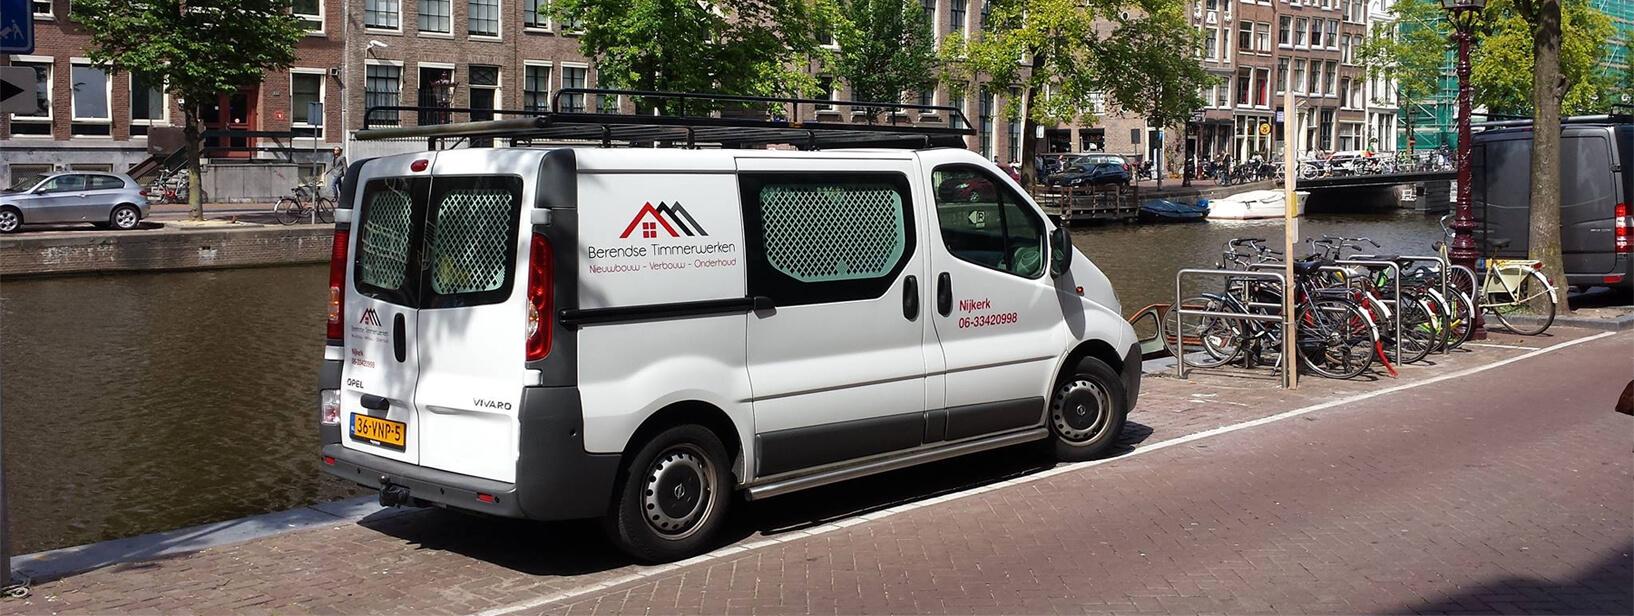 De bus van Berendse Timmerwerken in Amsterdam